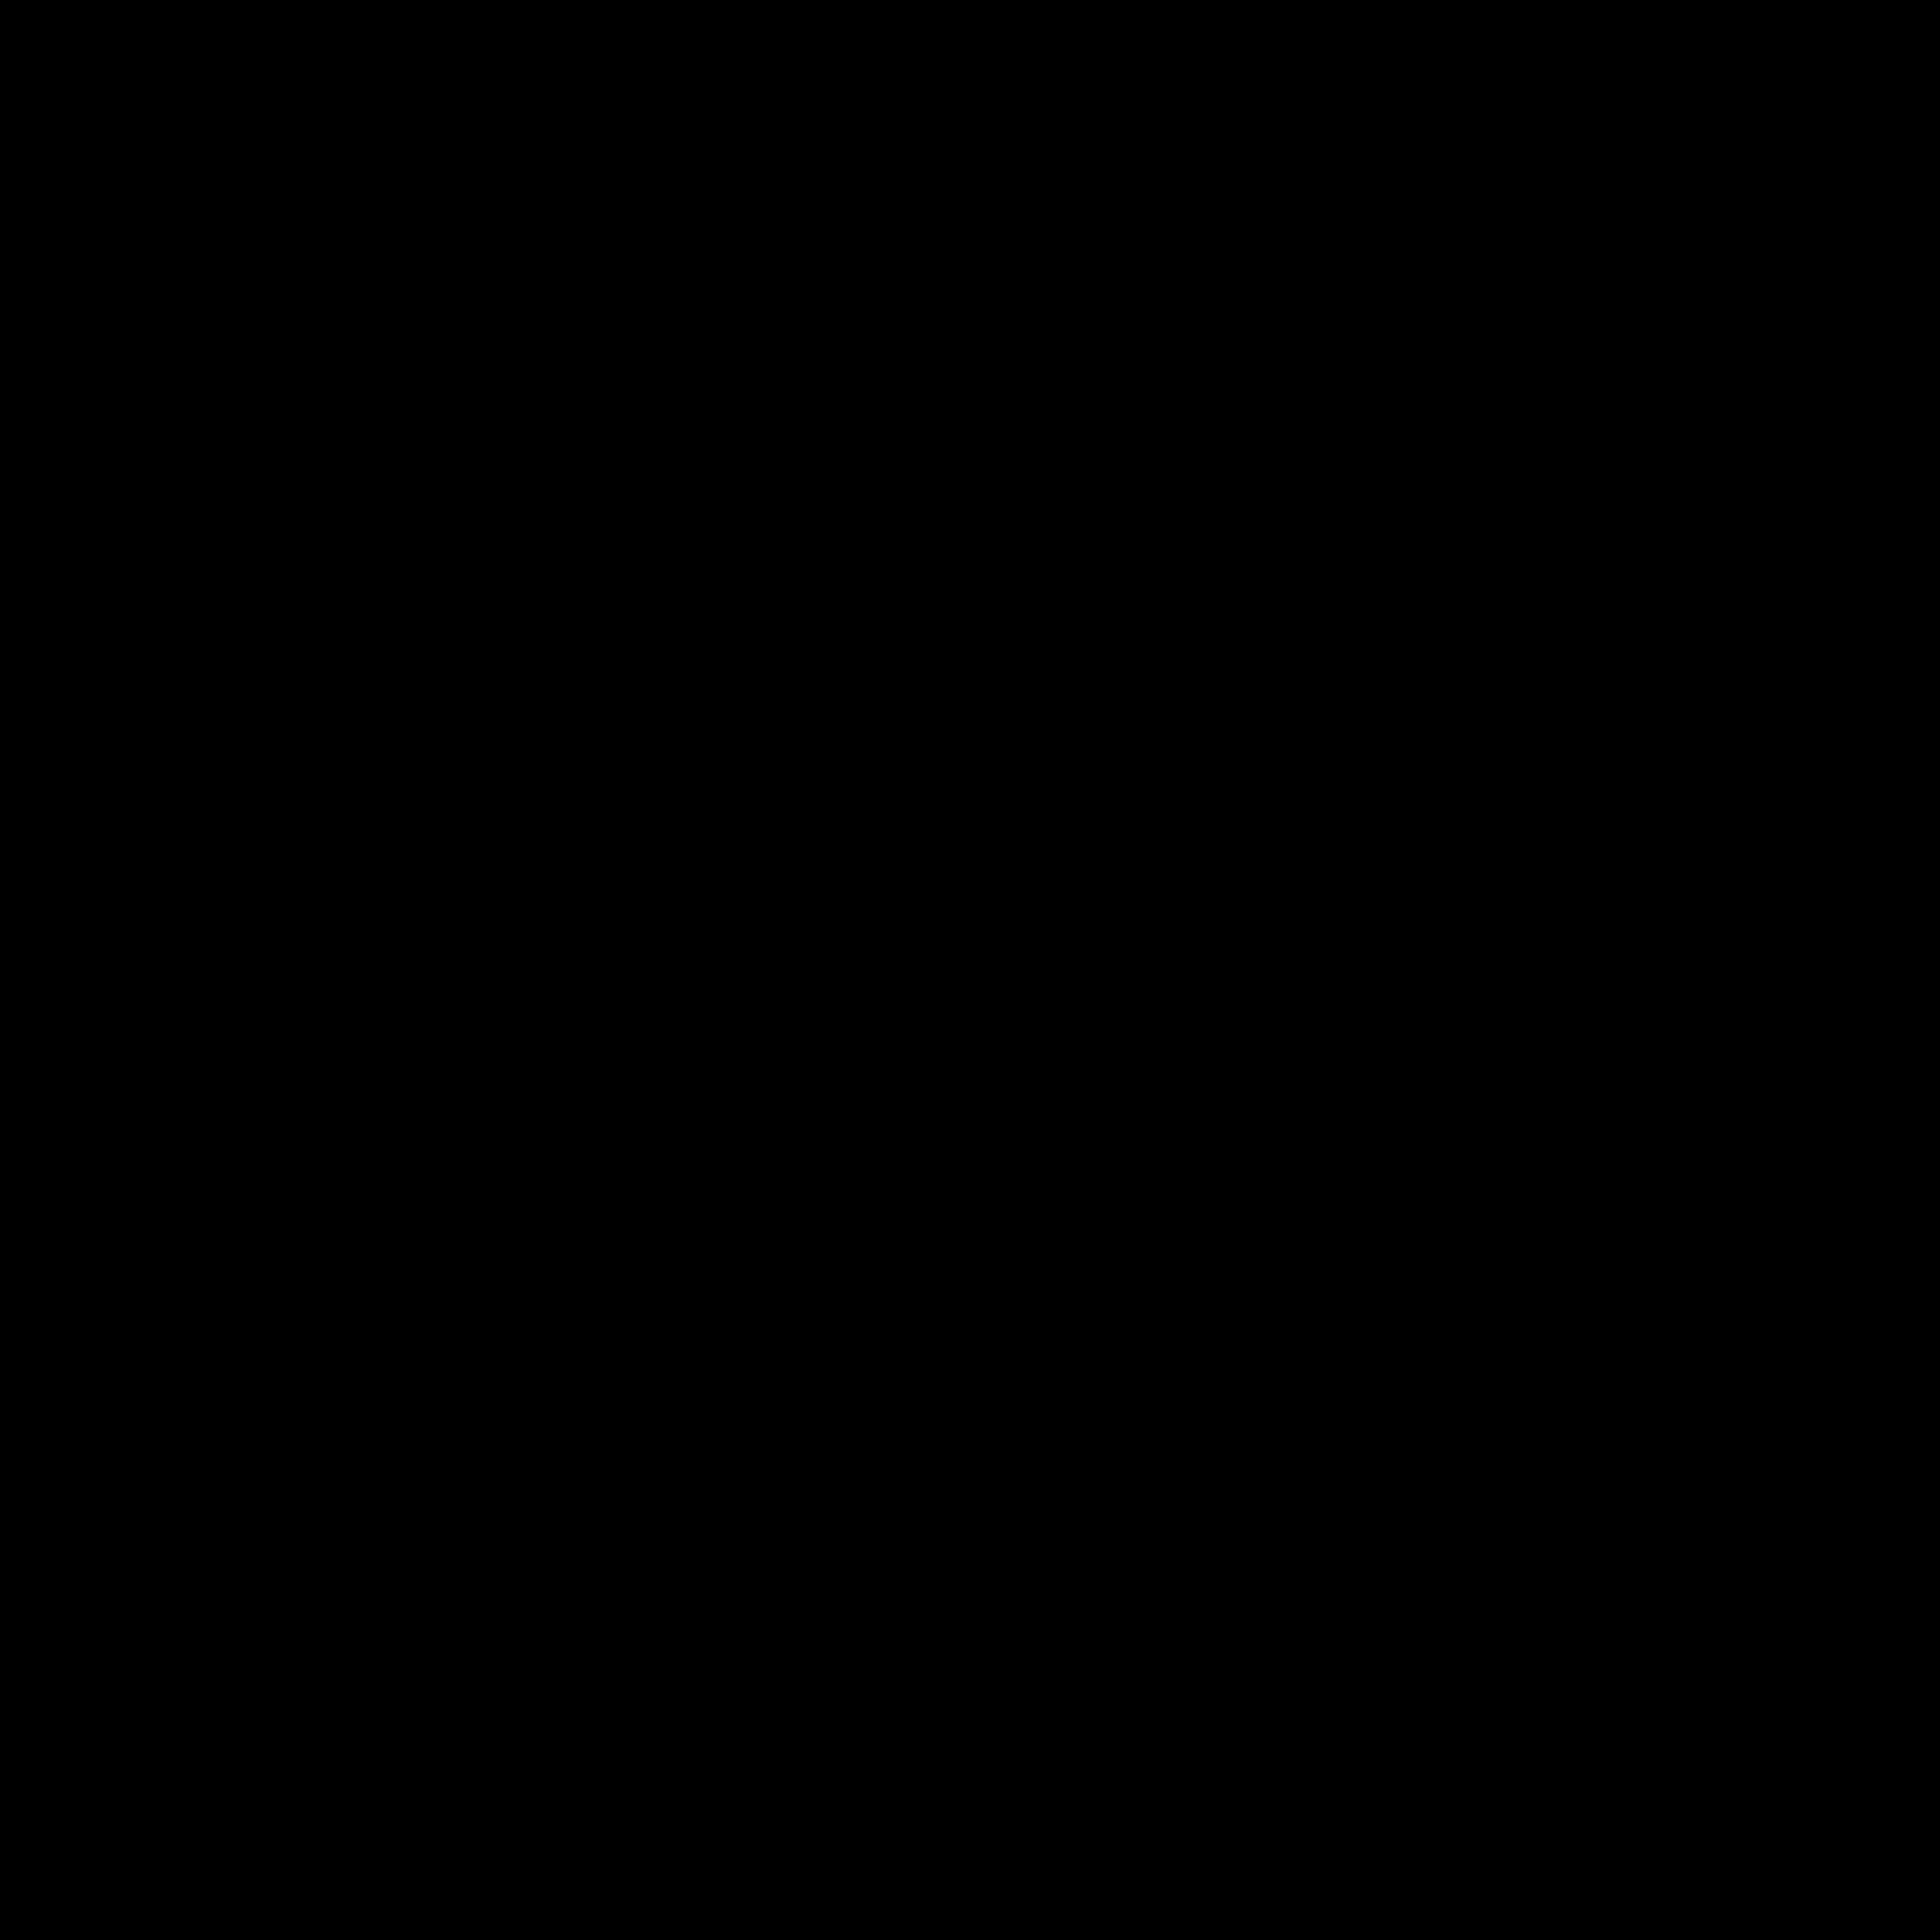 การพัฒนาภาวะผู้นำและการทำงานเป็นทีม สำหรับหัวหน้างาน-03